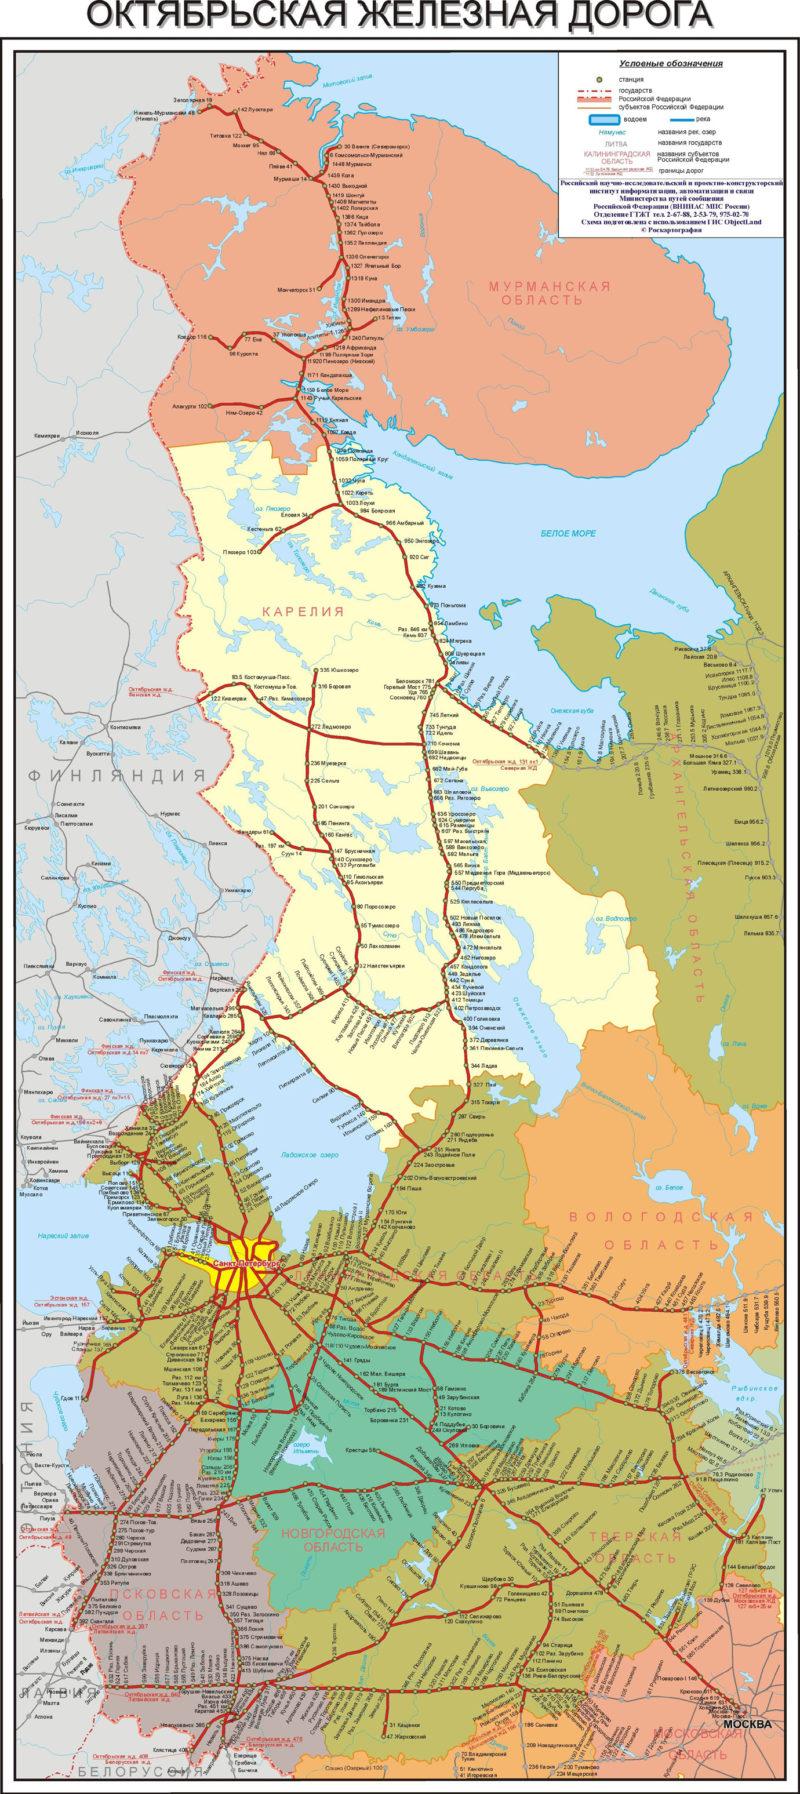 Карта Октябрьской железной дороги